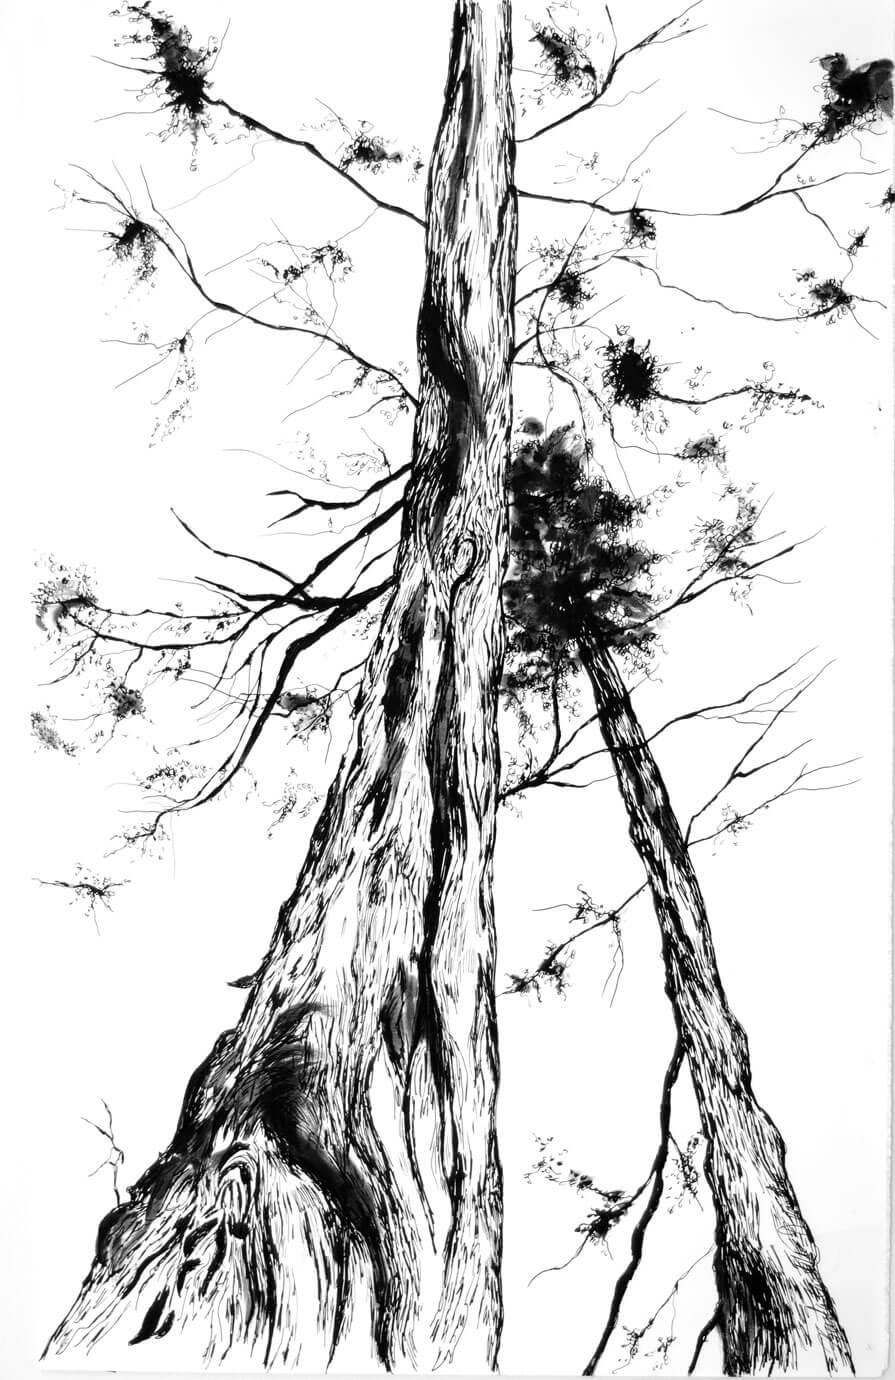 Japan, ink on paper, 49.5 x 30.7 cm., 2018.